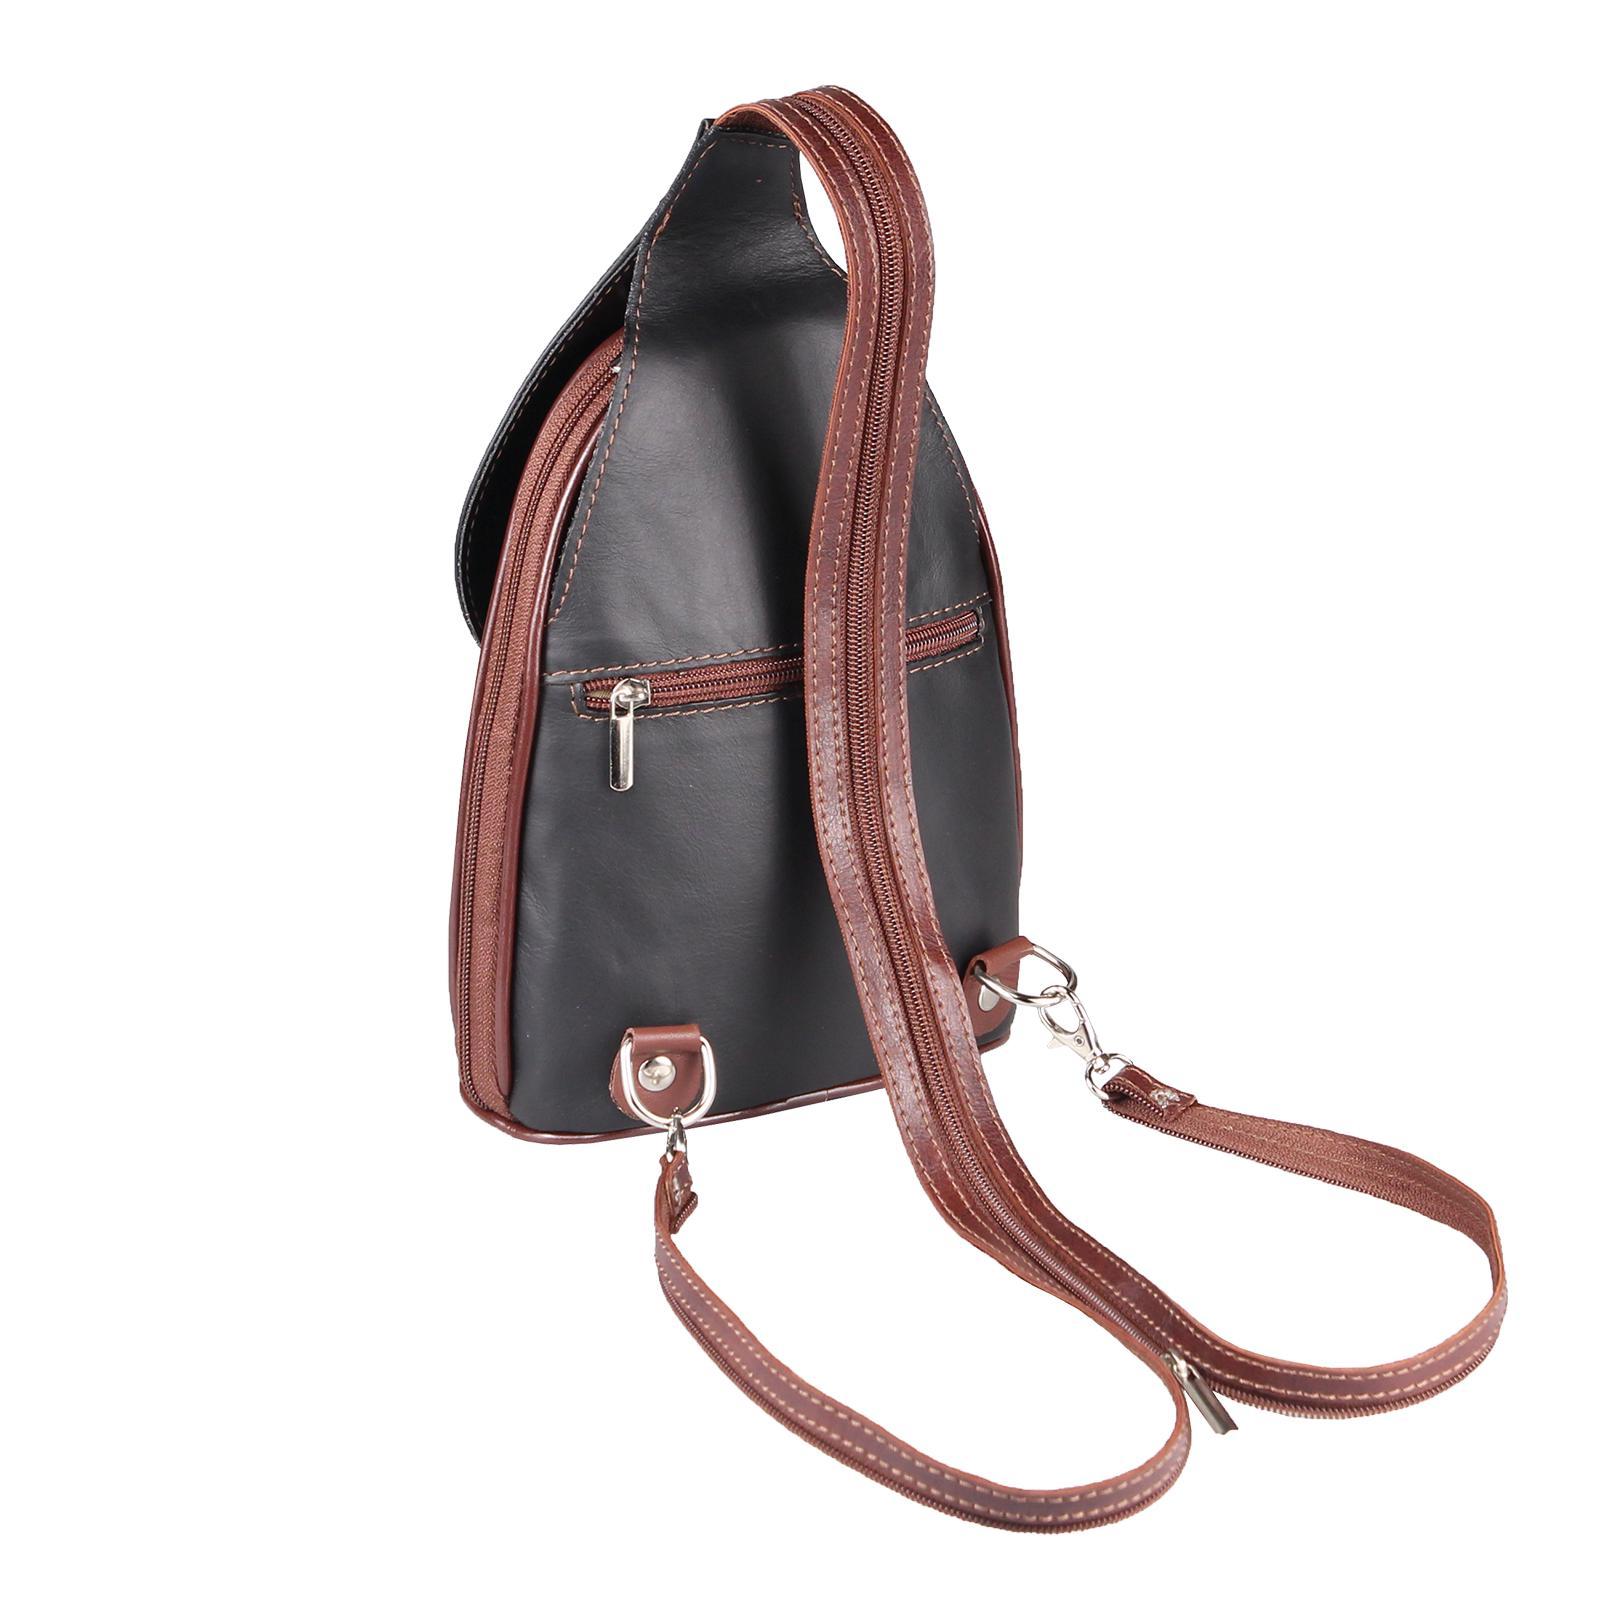 ITALY-DAMEN-LEDER-RUCKSACK-Schulter-Tasche-Reise-BACKPACK-Lederrucksack-it-BAG Indexbild 97